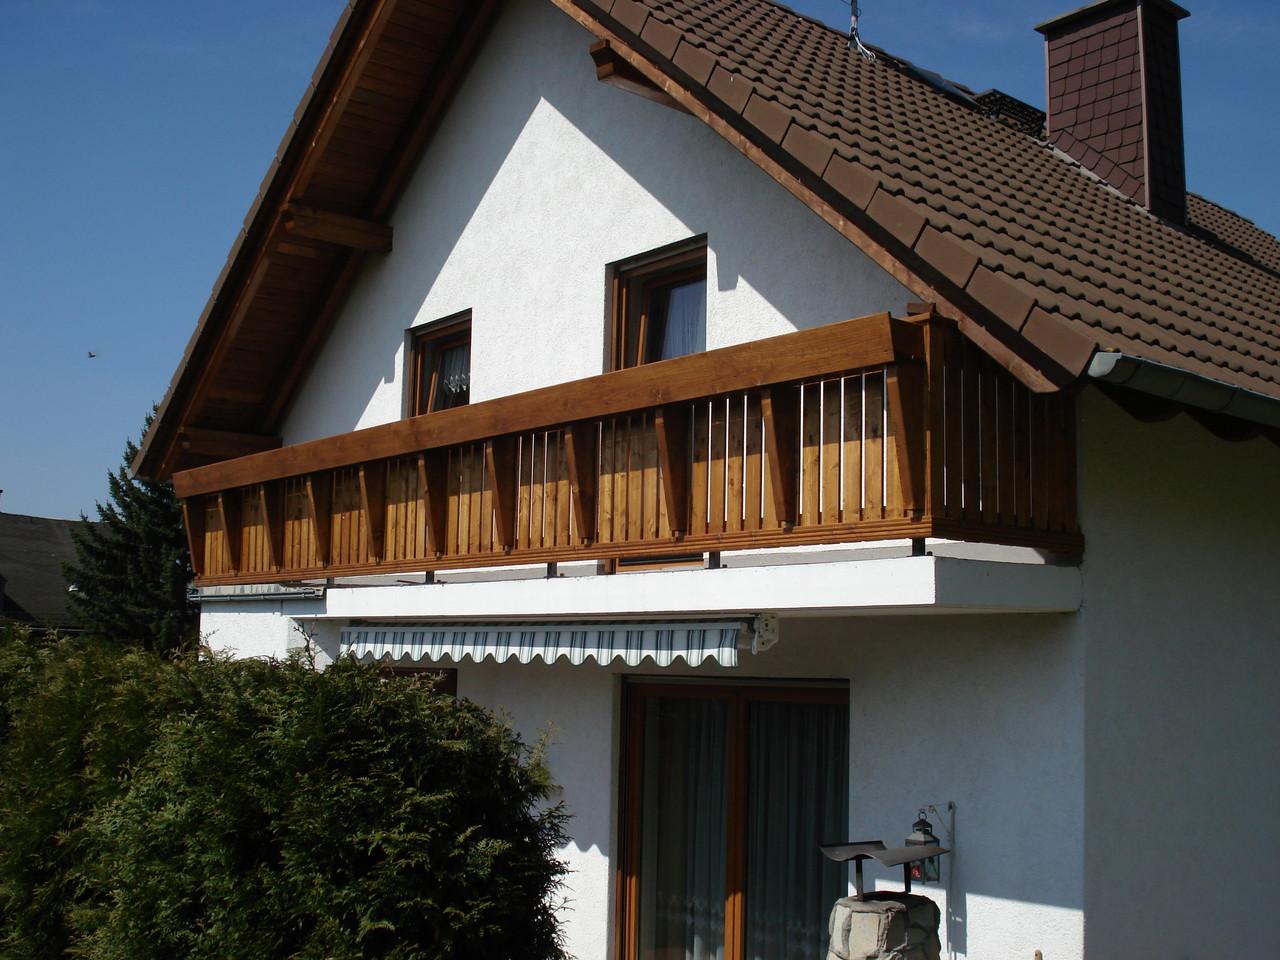 Balkon mit geraden Elementen